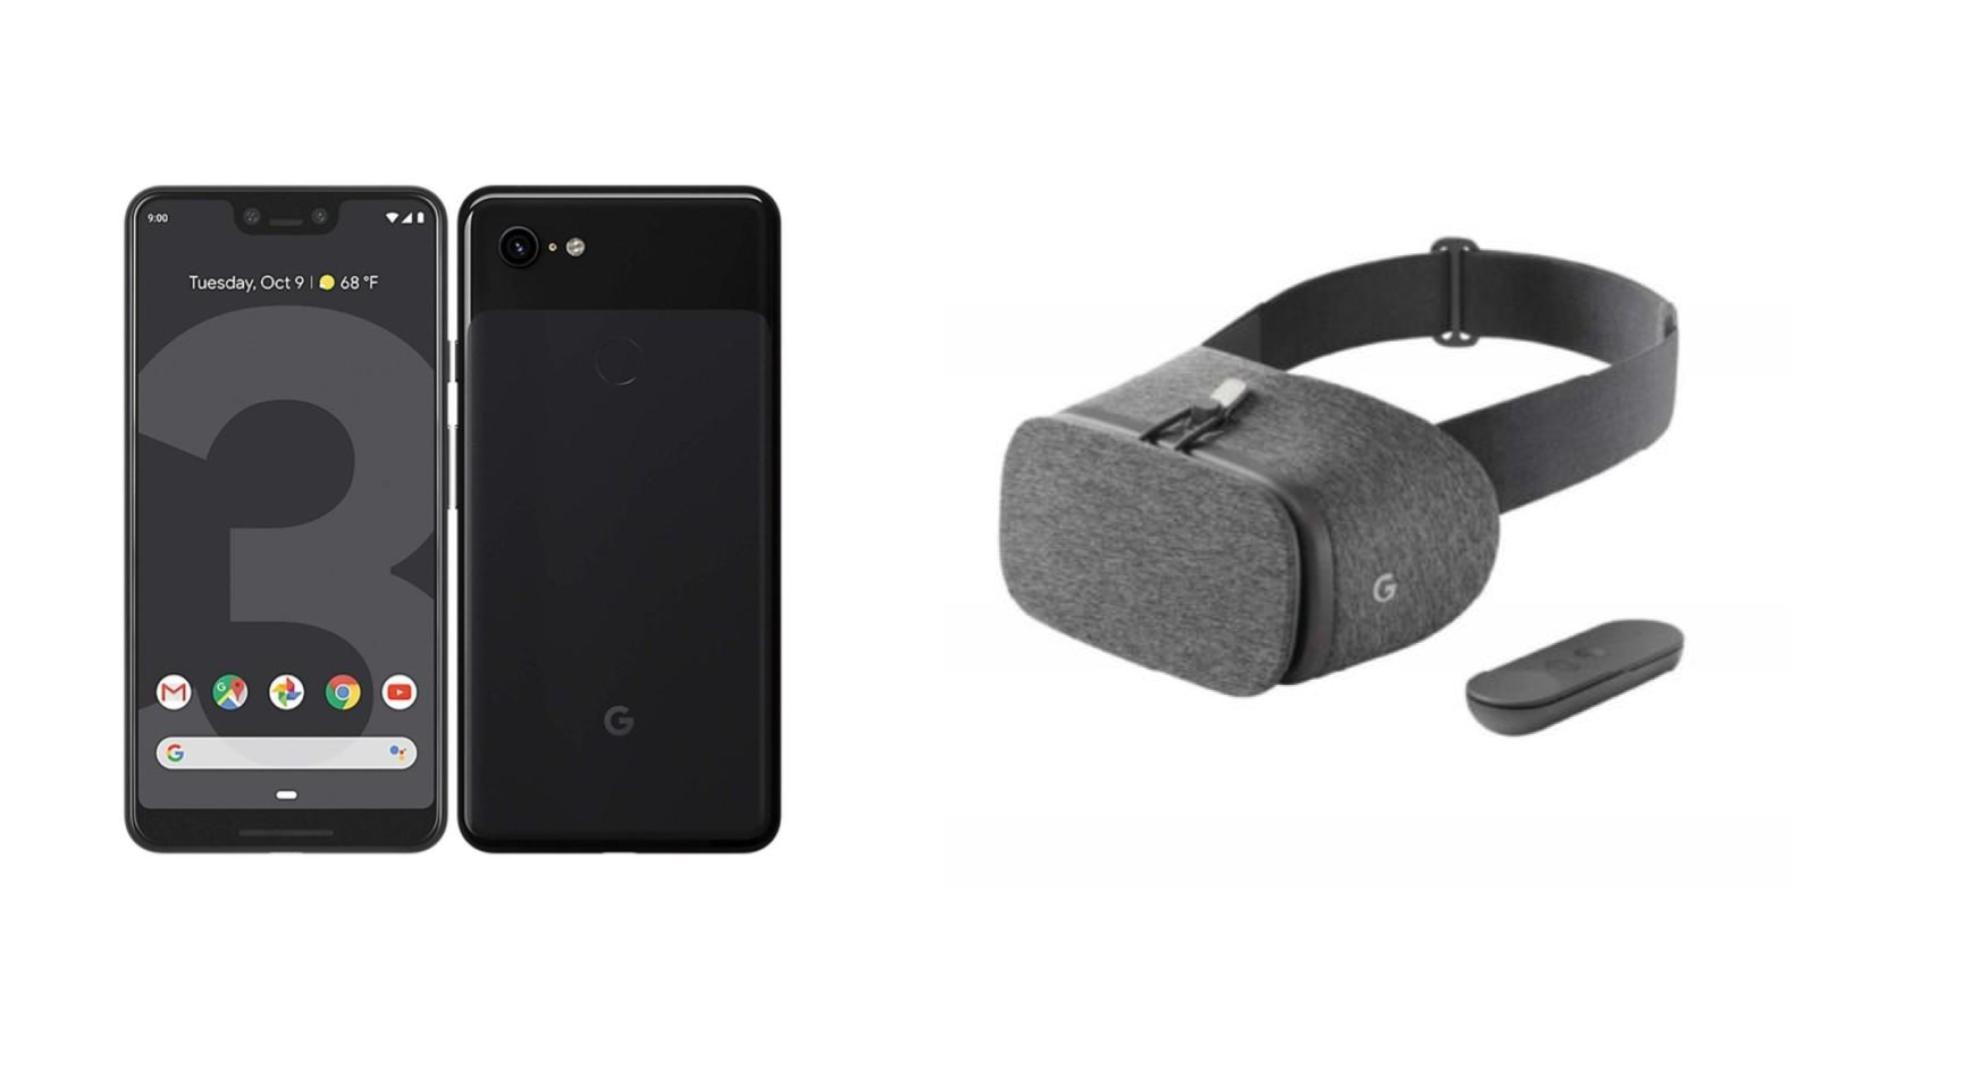 Le Google Pixel 3 XL deux fois moins cher qu'à sa sortie, avec un casque VR Daydream offert